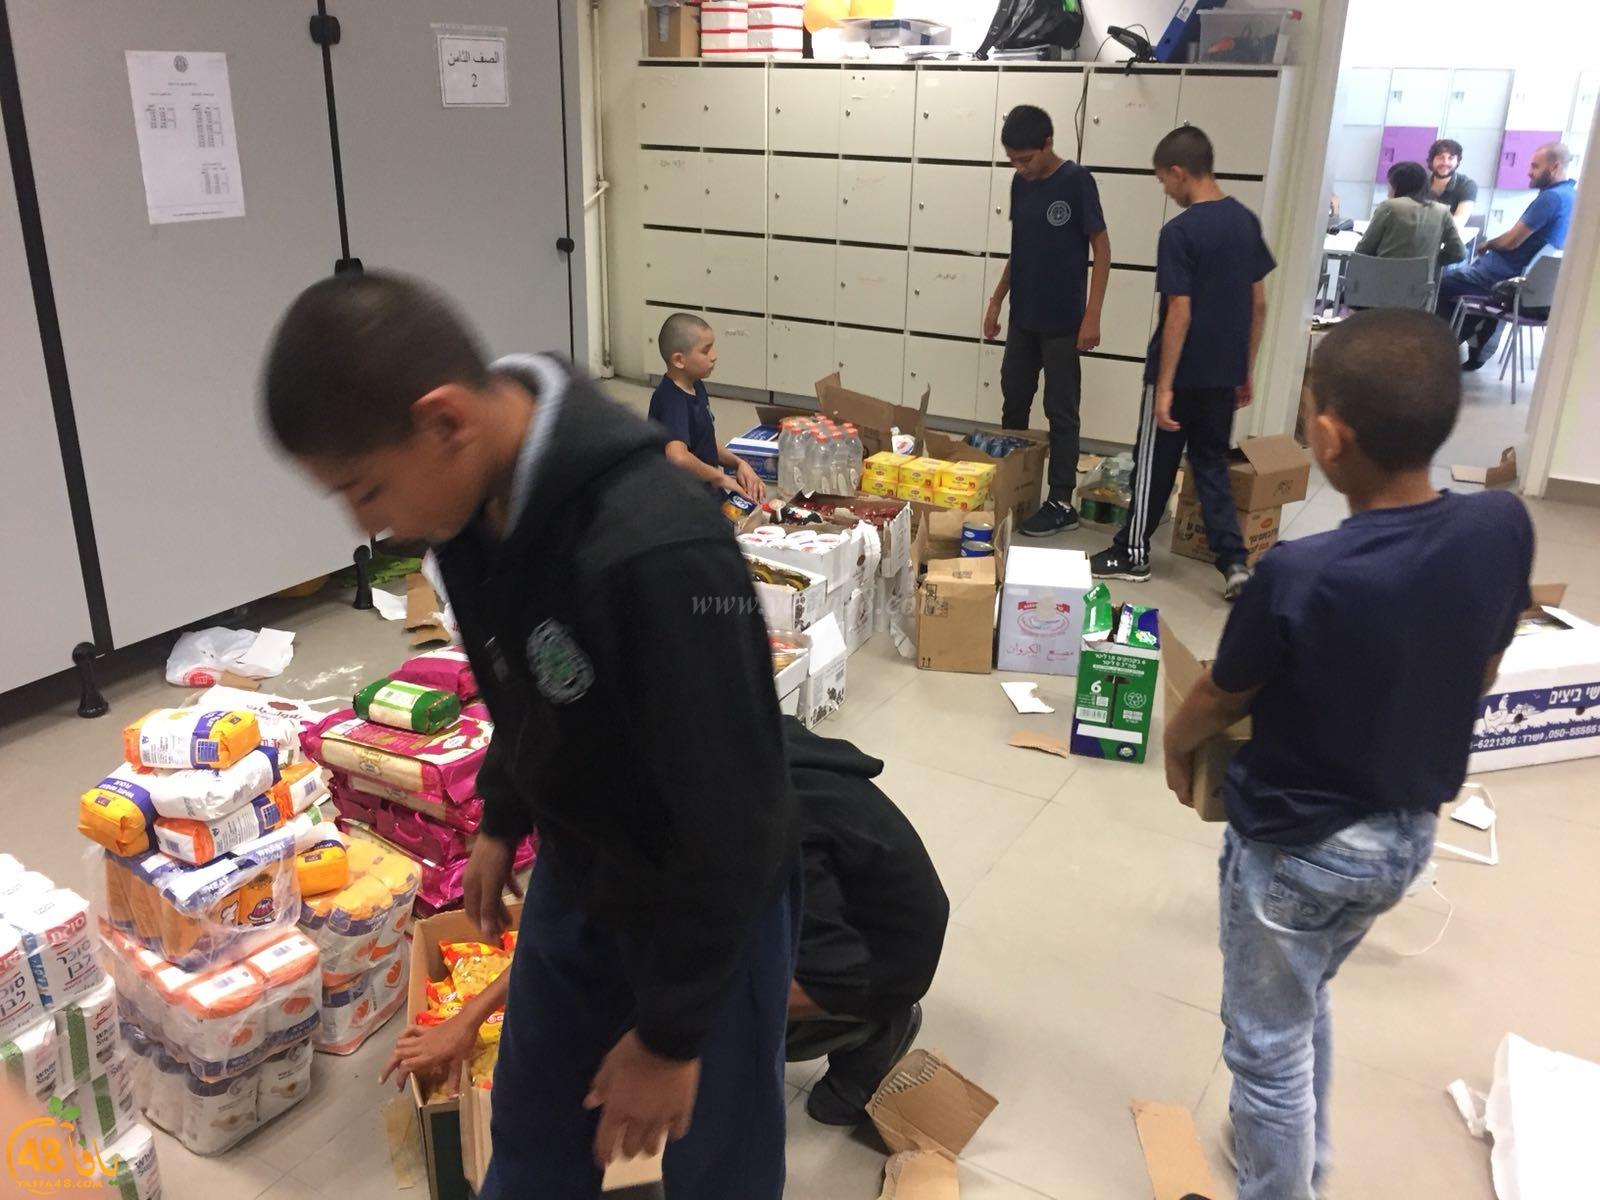 مدرسة يافا المستقبل توزيع طرود غذائية للعائلات المستورة